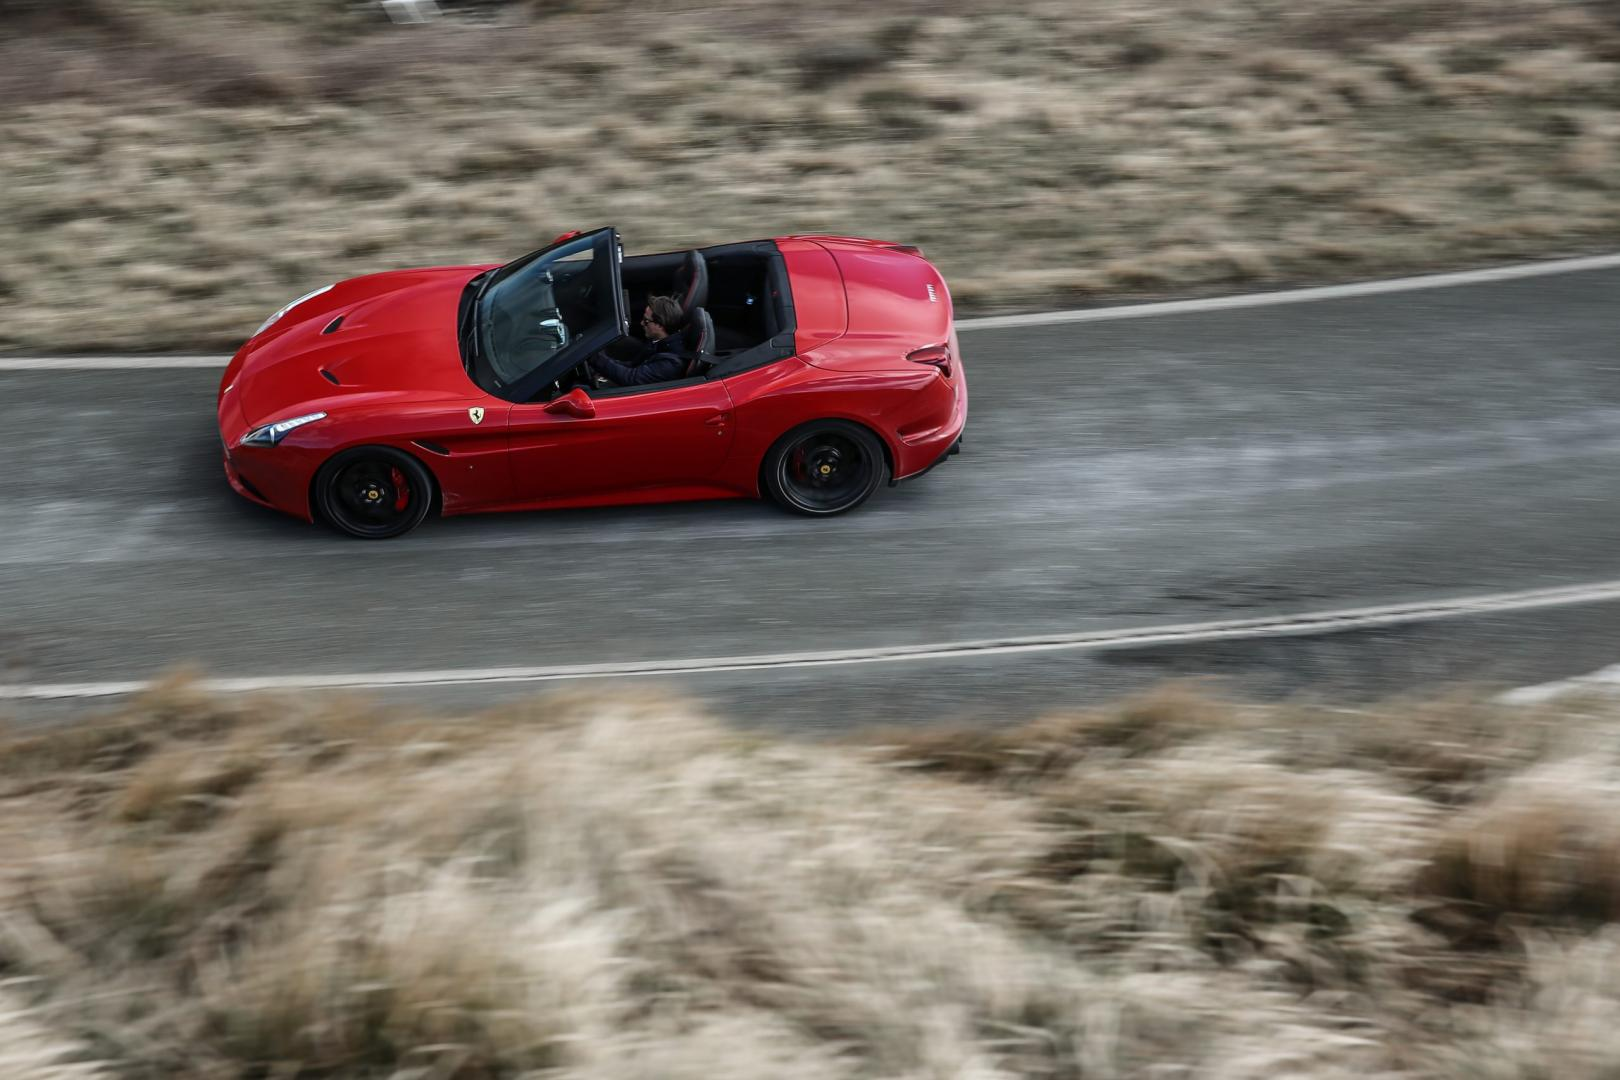 Ferrari California T Handling Speciale (2016)